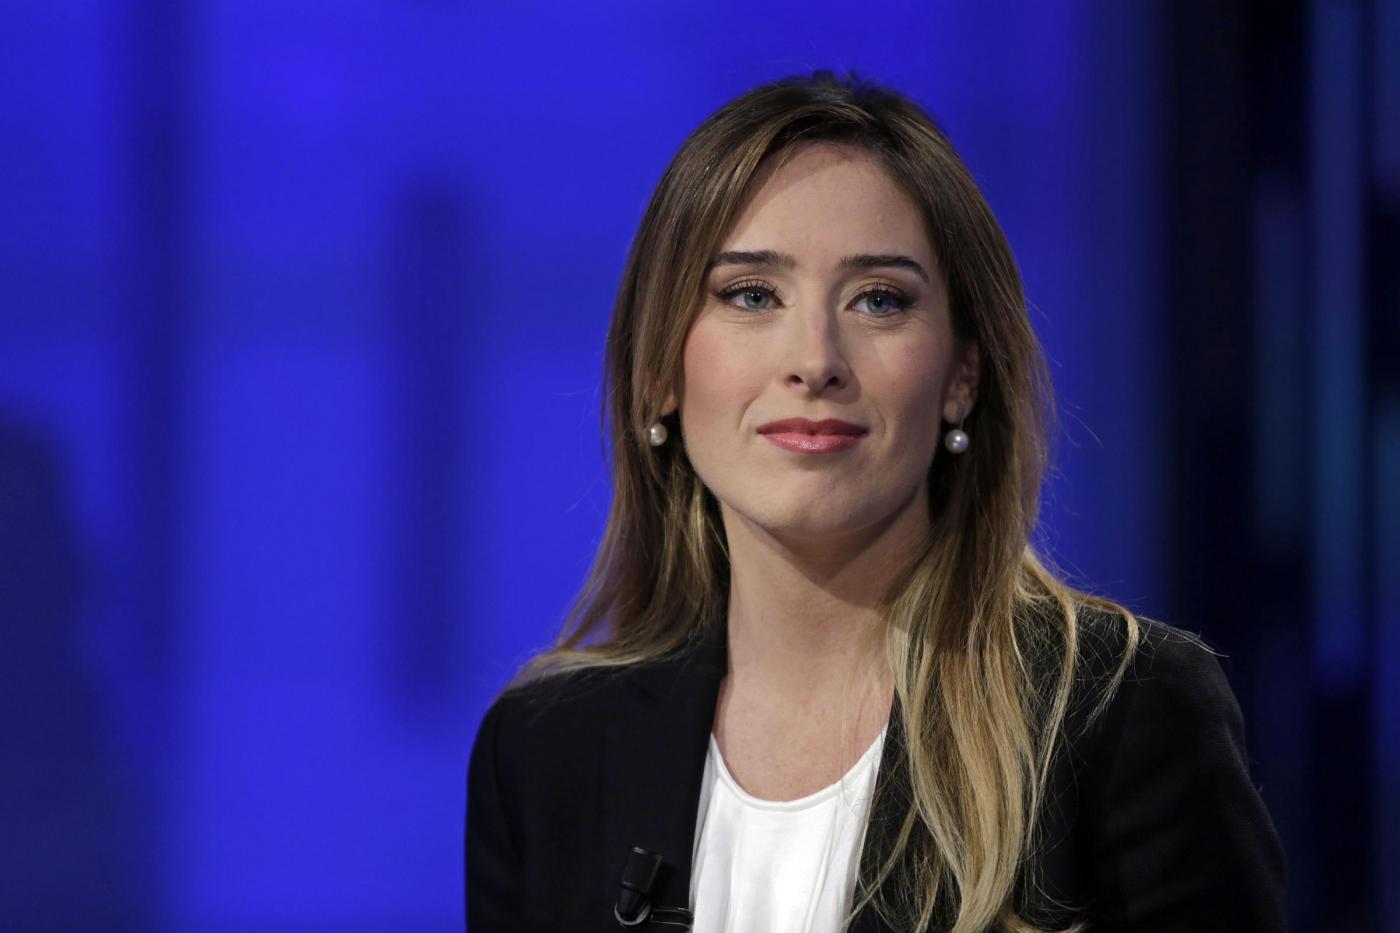 Chi è Maria Elena Boschi, neo sottosegretario alla presidenza del Consiglio del Governo Gentiloni